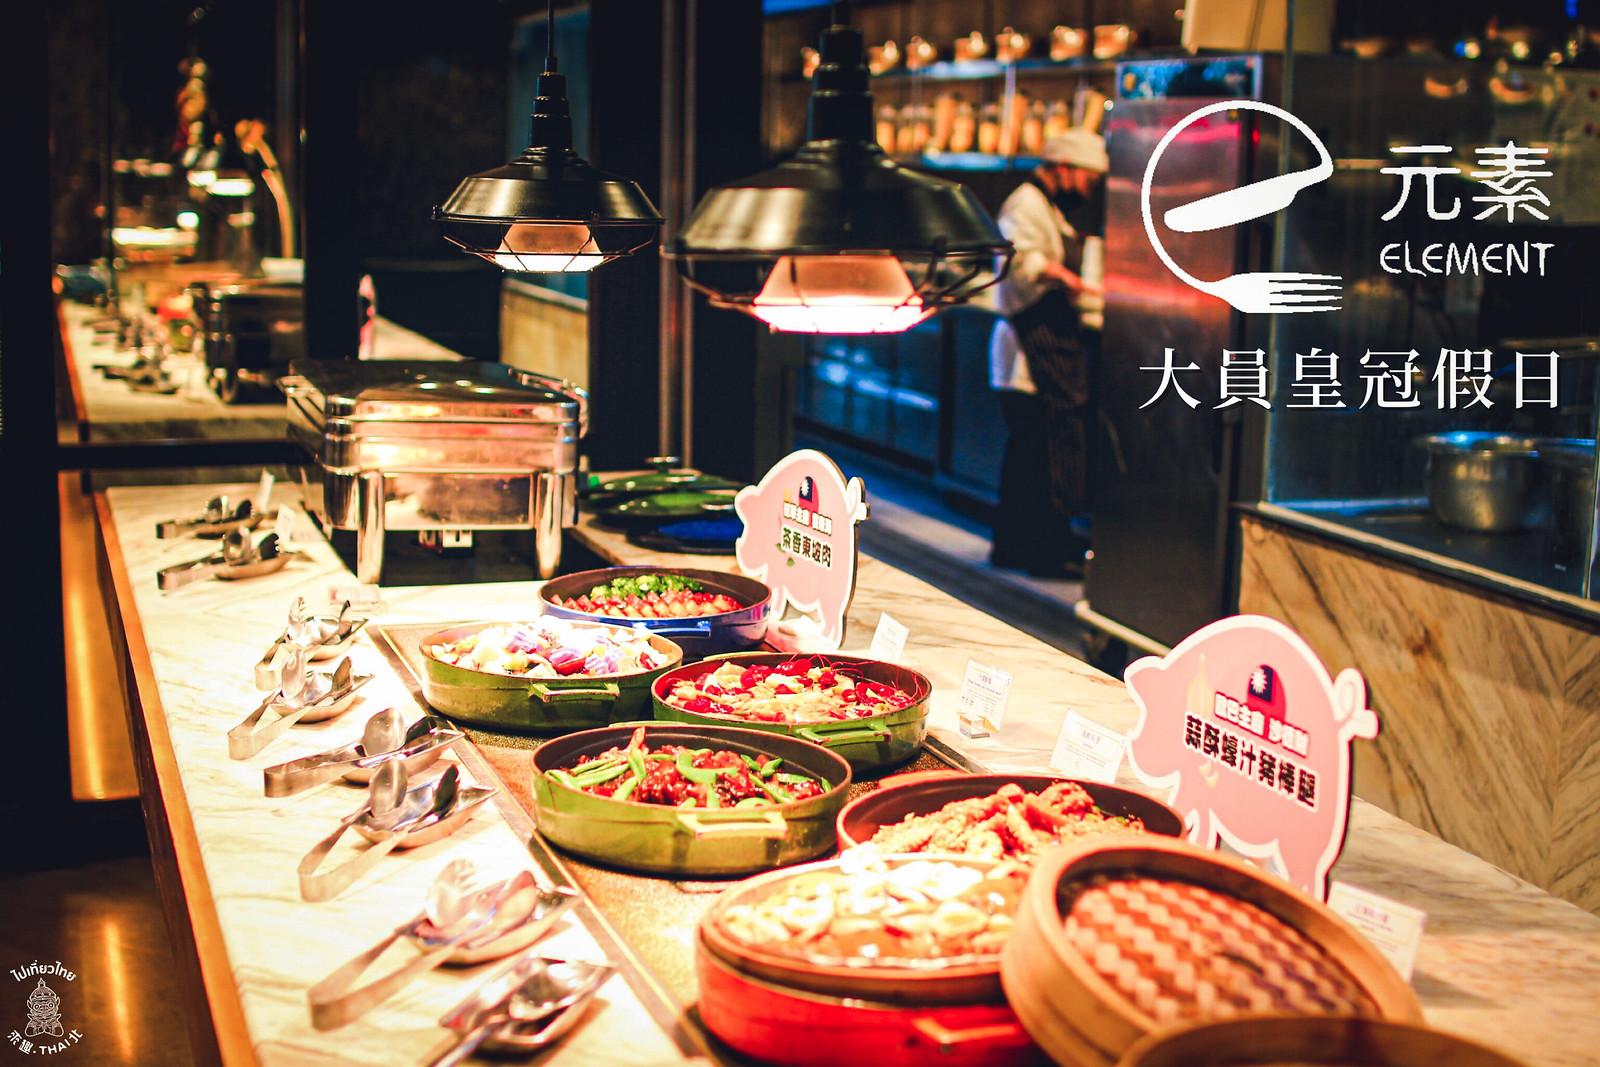 【元素餐廳】揮灑自然原始的食材,畫出山海風味的盛宴